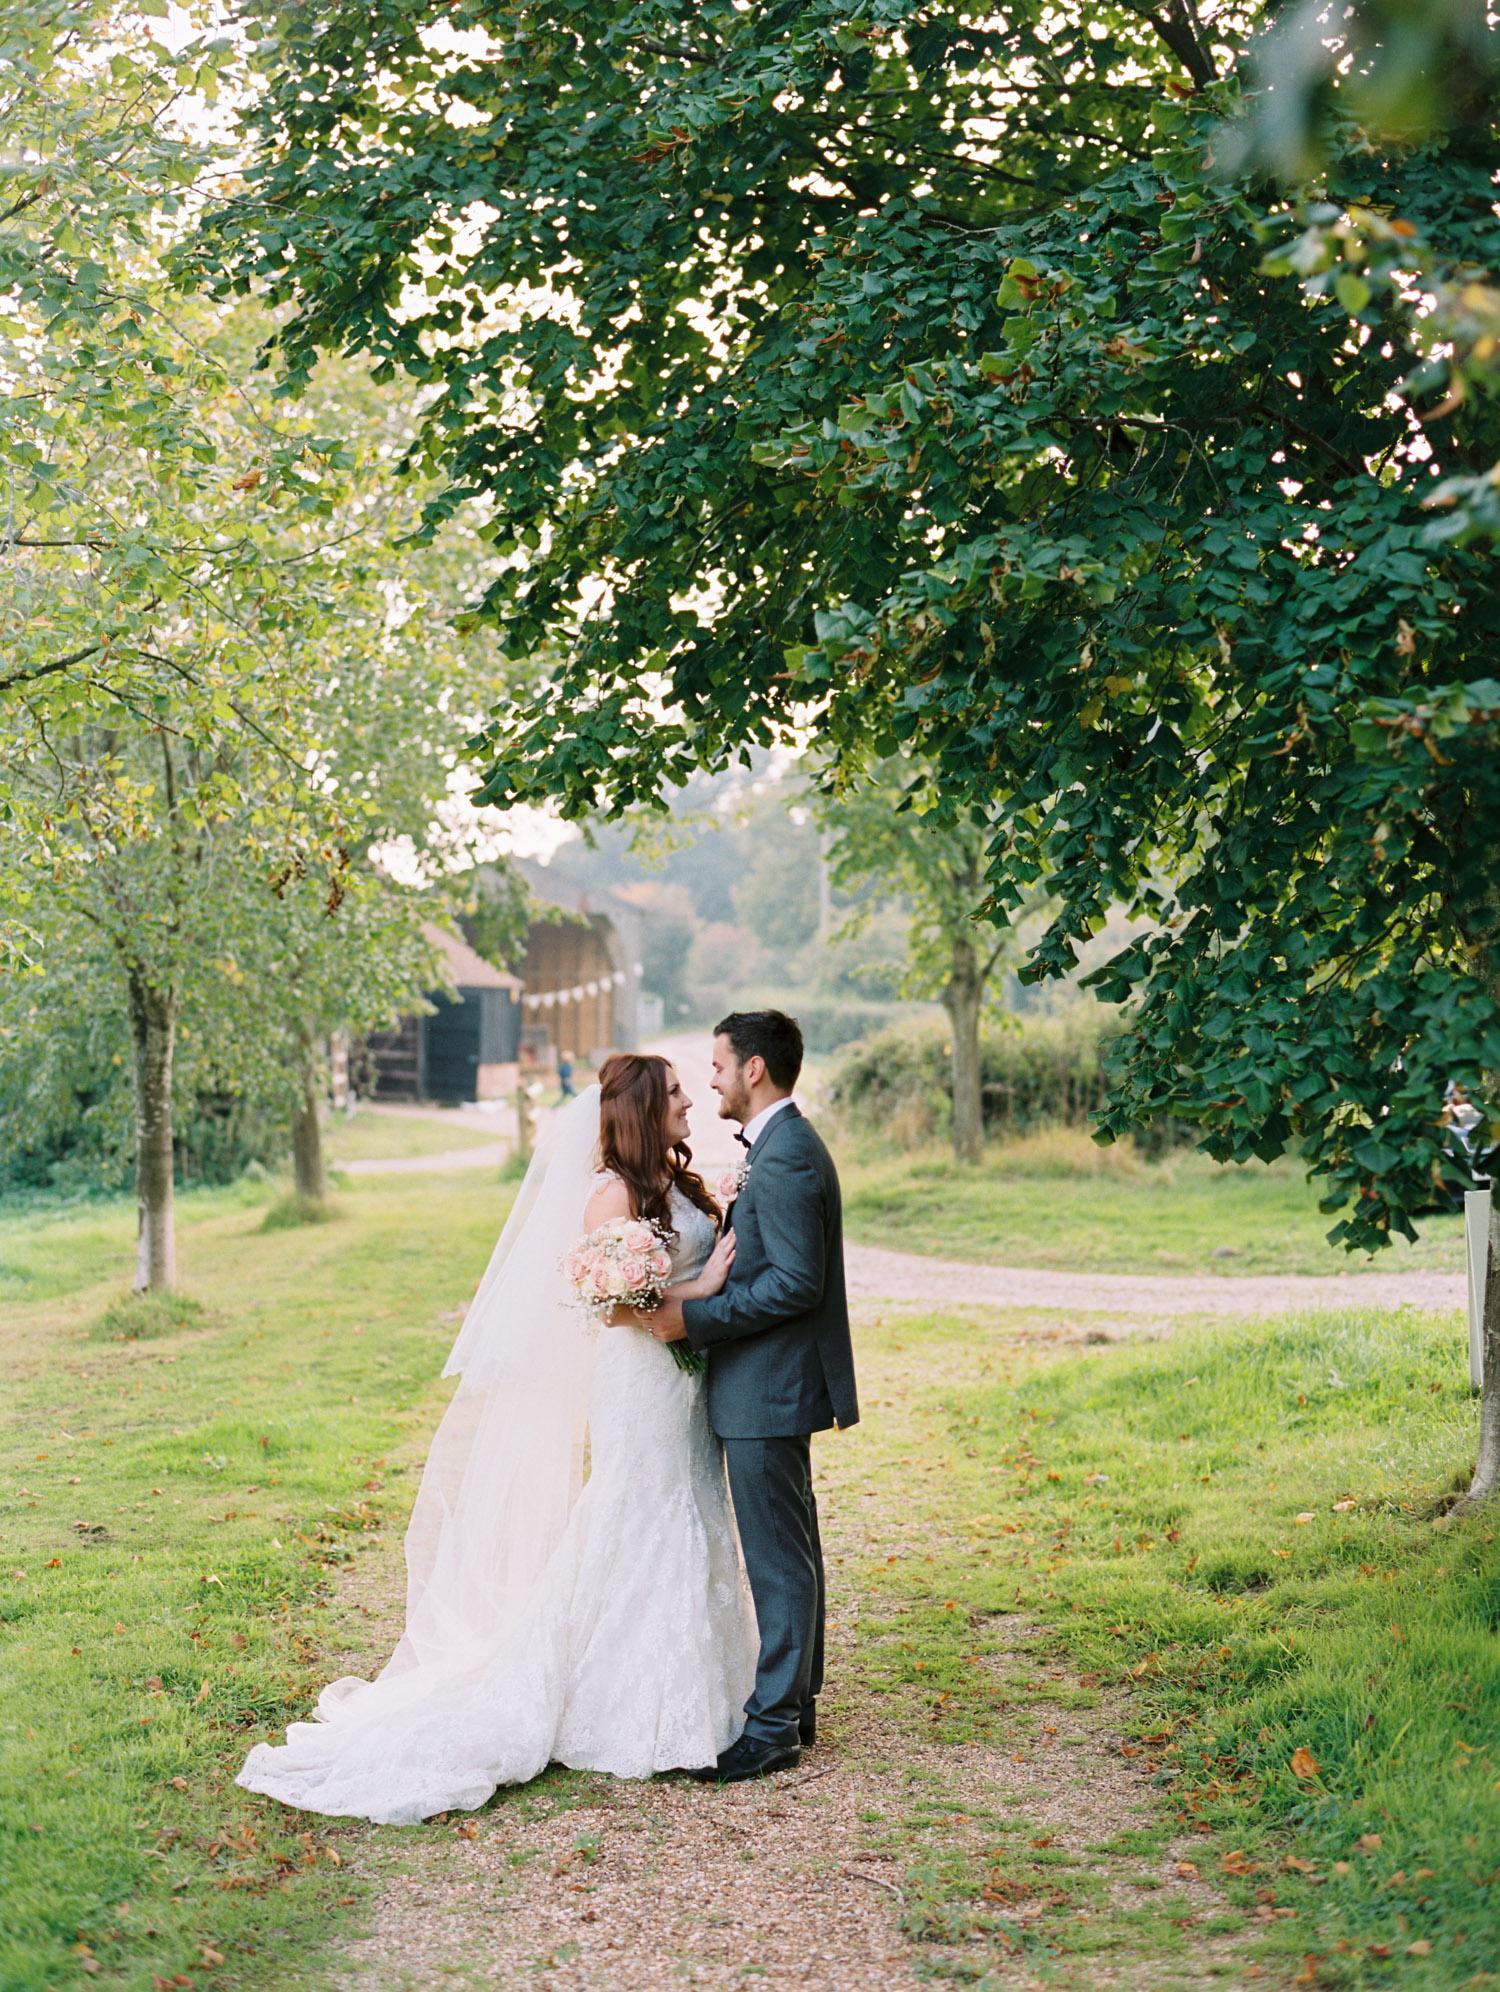 London_Wedding_Photographer-046.jpg